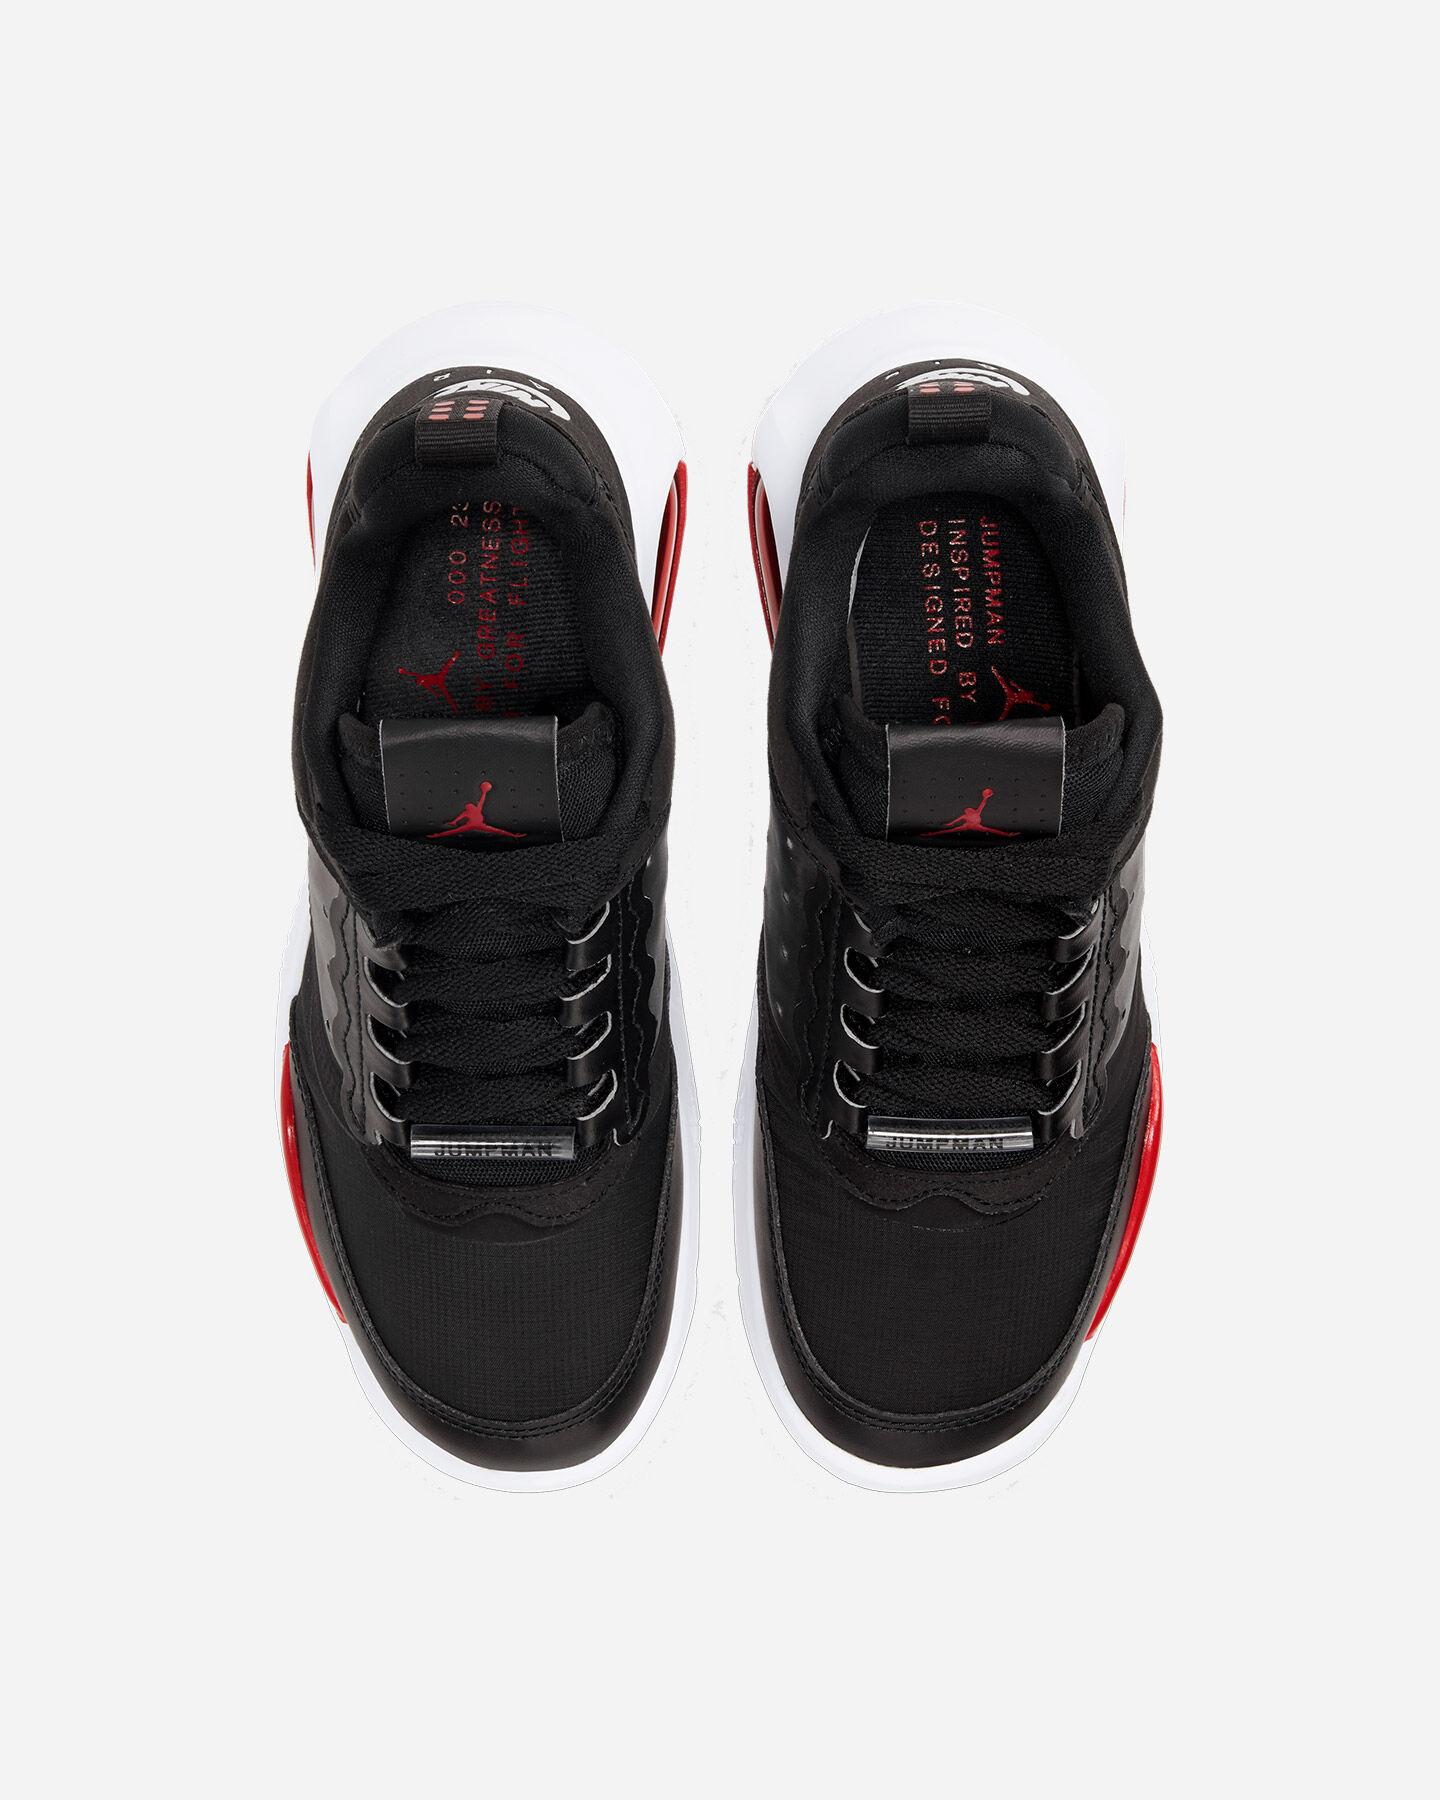 Scarpe sneakers NIKE JORDAN MAX 200 GS JR S5197513 scatto 3